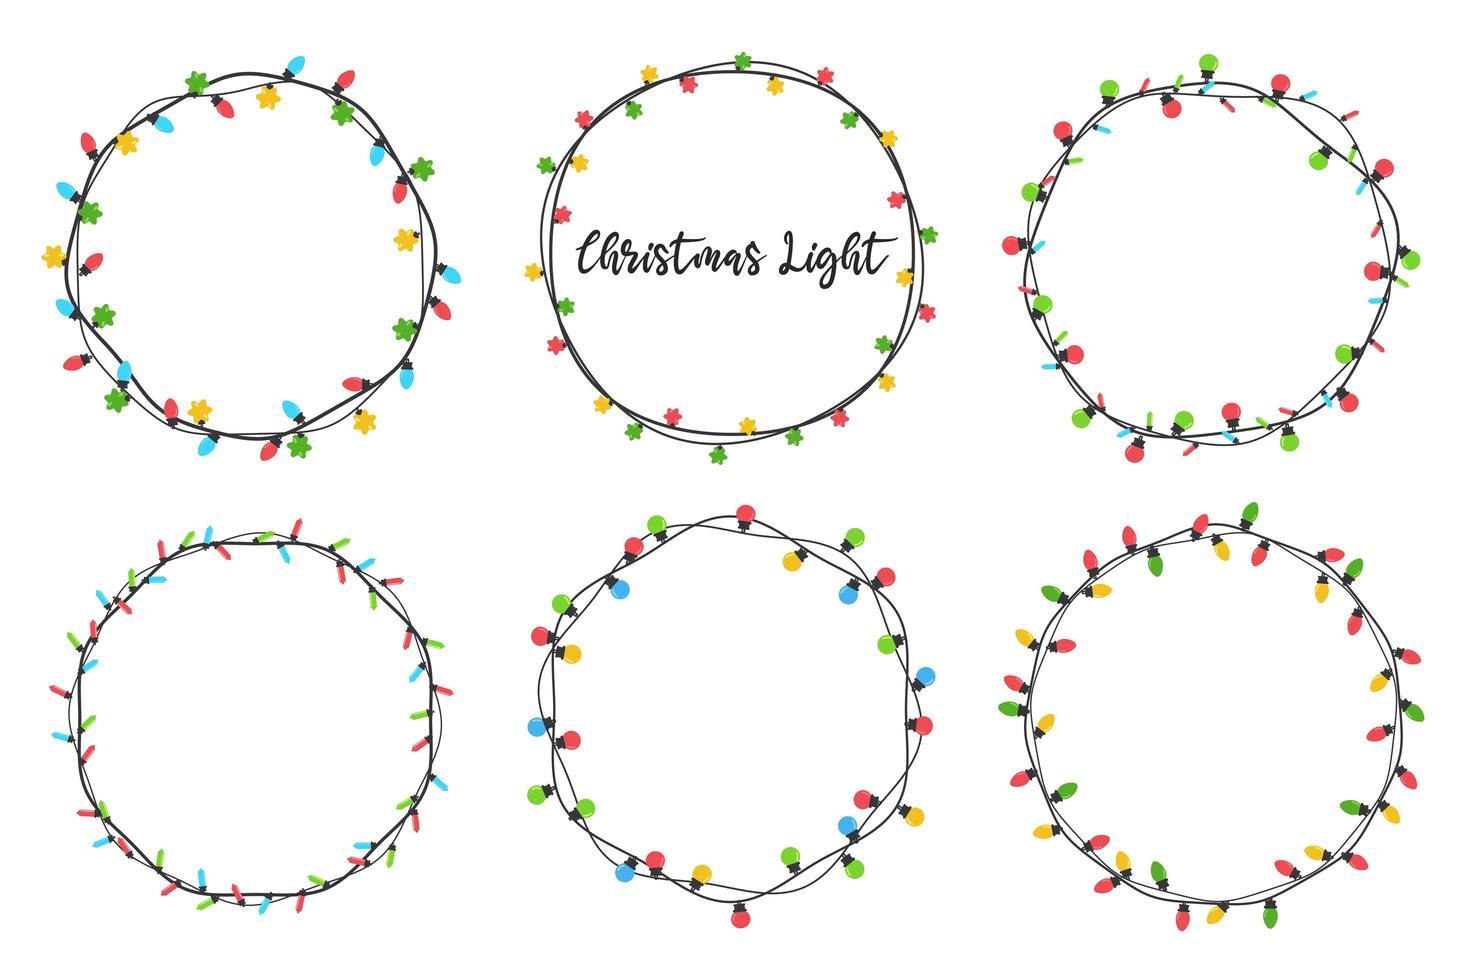 Kerst gloeilamp kransen set vector